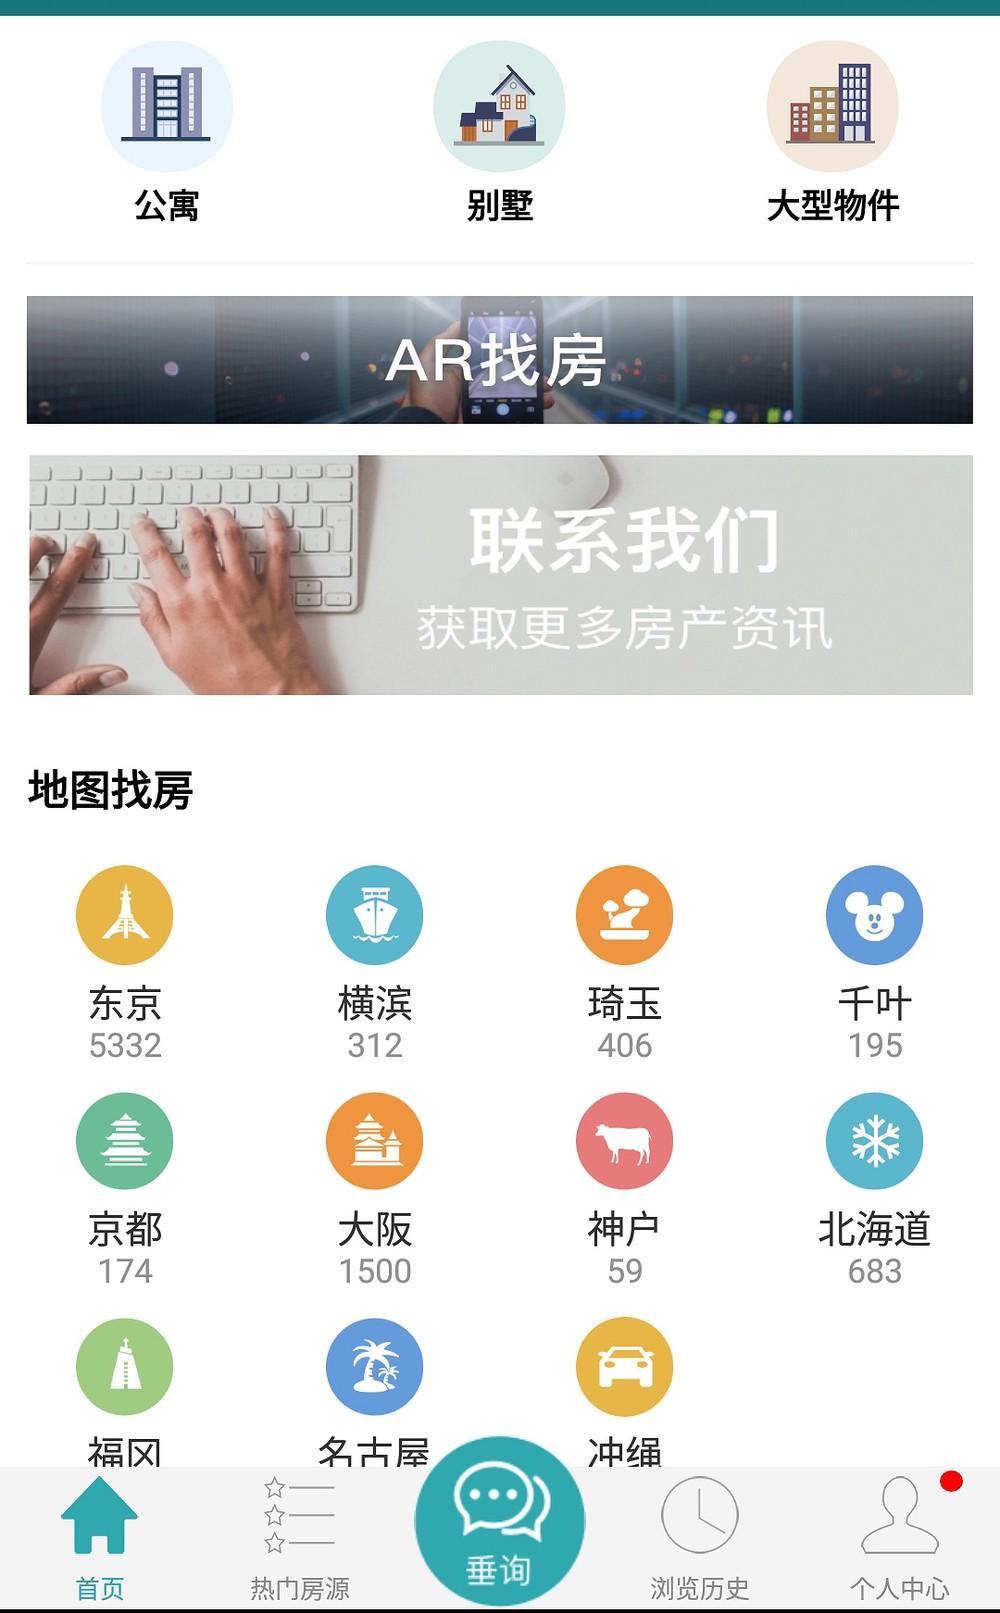 「神居秒算」アプリの画面ショット